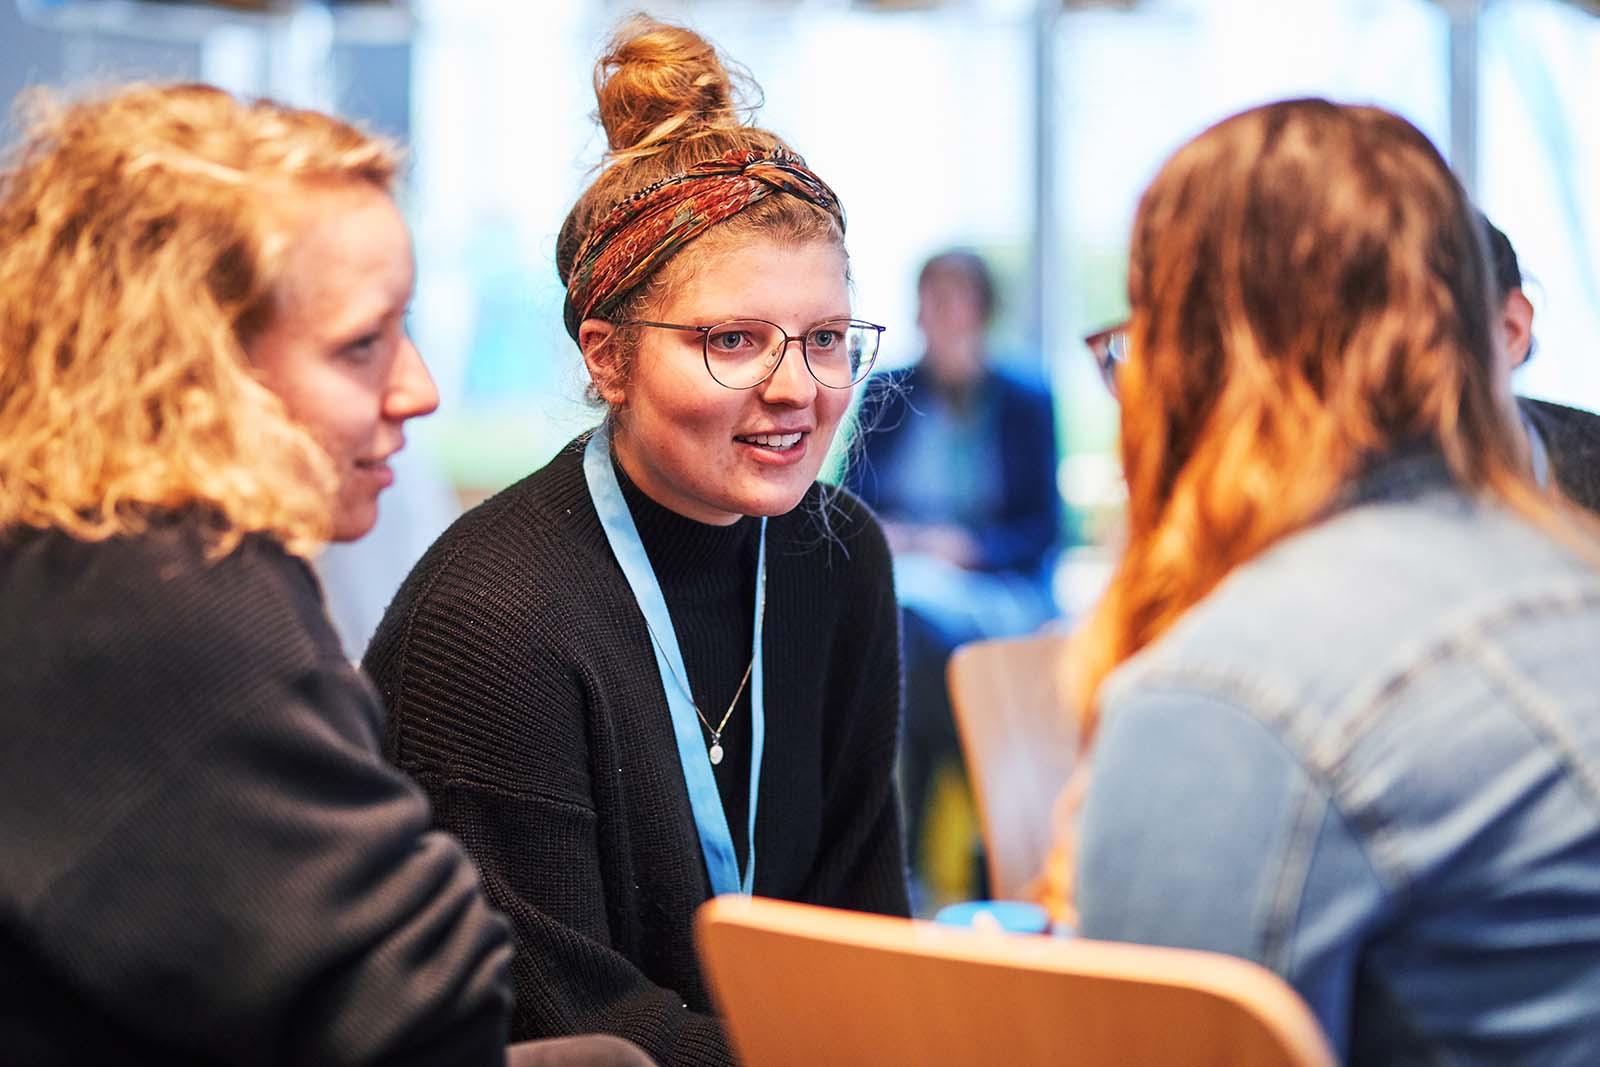 Drei Frauen, die sich miteinander unterhalten und dabei lächeln. © Aktion Mensch e. V. / Servicestelle Jugendbeteiligung e. V./Anna Spindelndreier, 2019